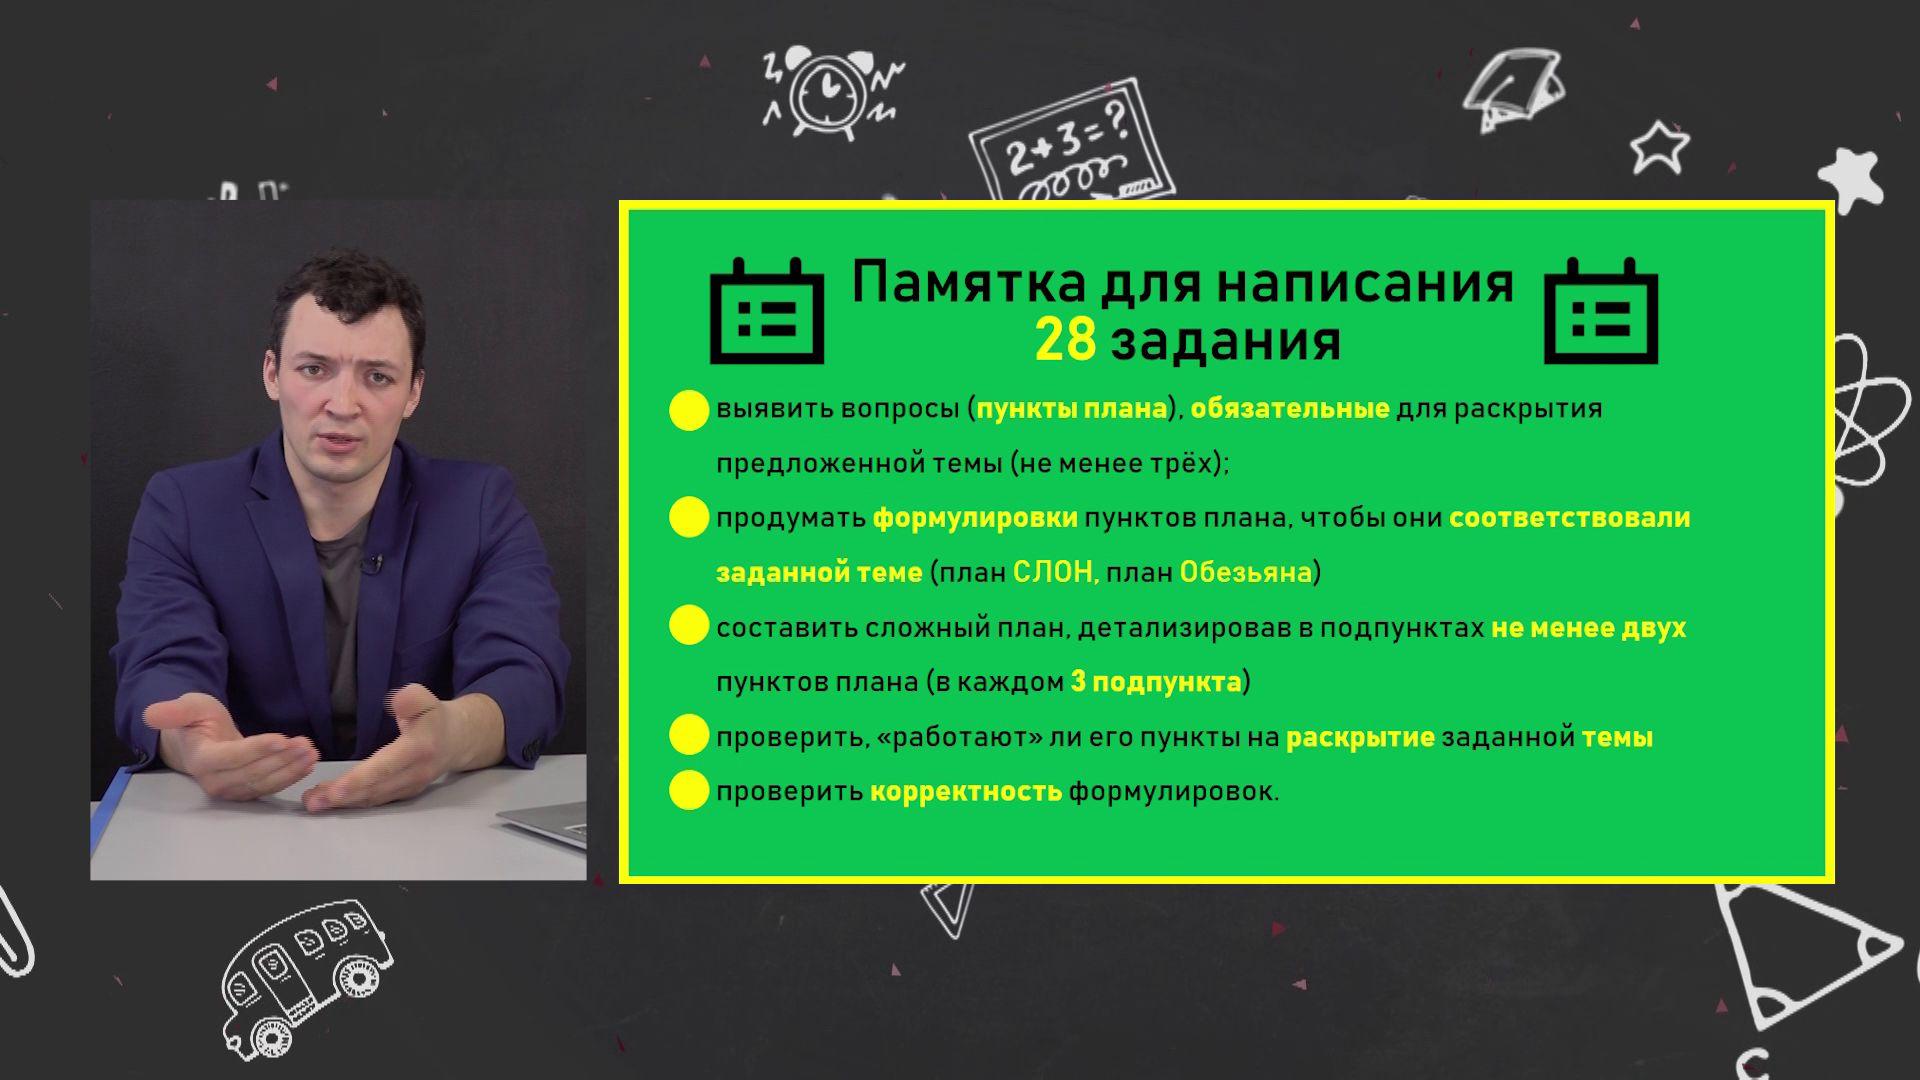 Телеуроки. Константин Чекменев . Составление плана на примере темы «Налоги»